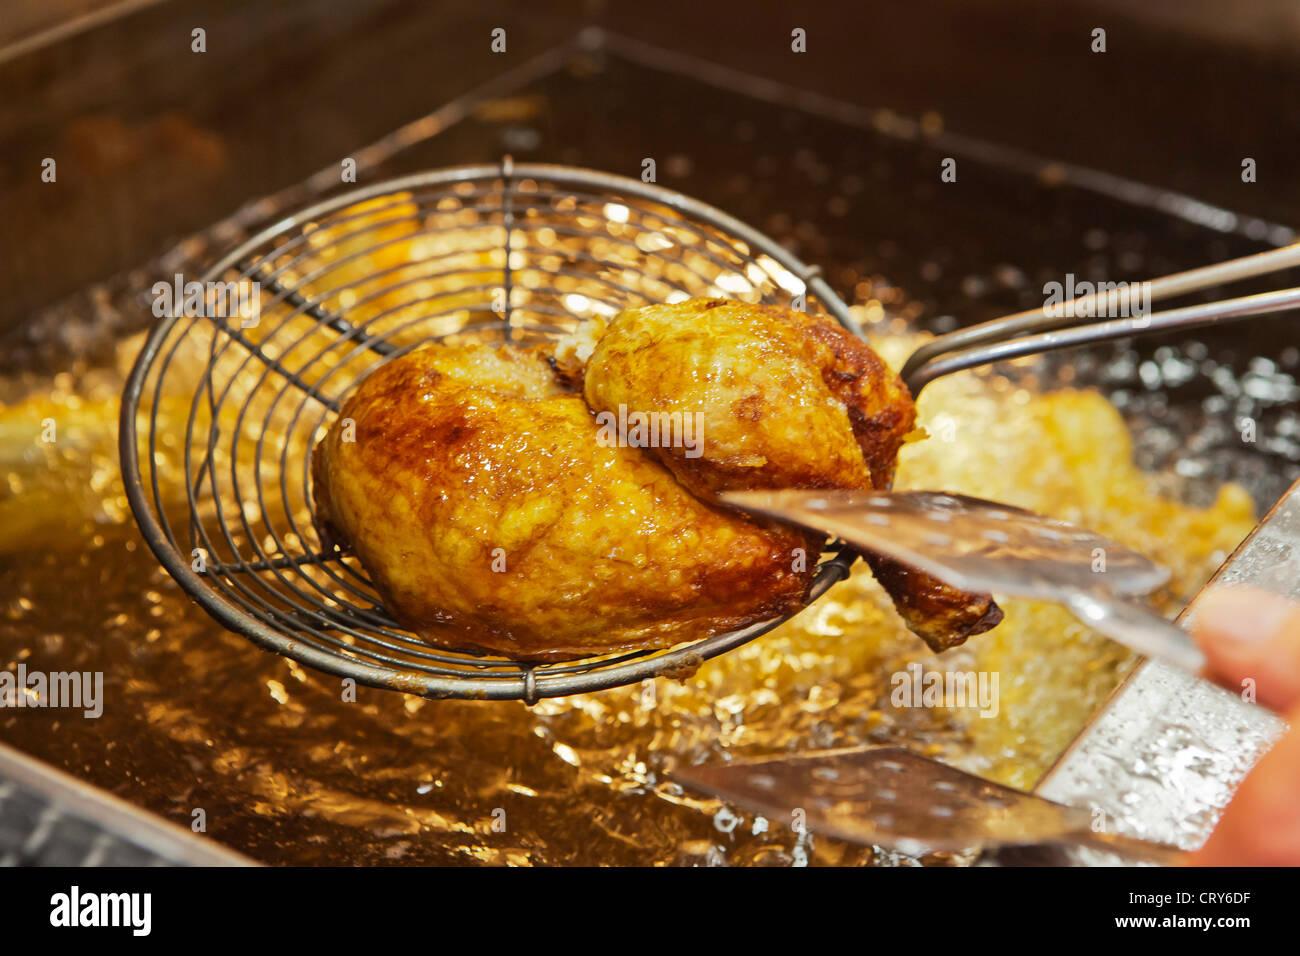 Quarto di carne di pollo proveniente dalla friggitrice. Immagini Stock